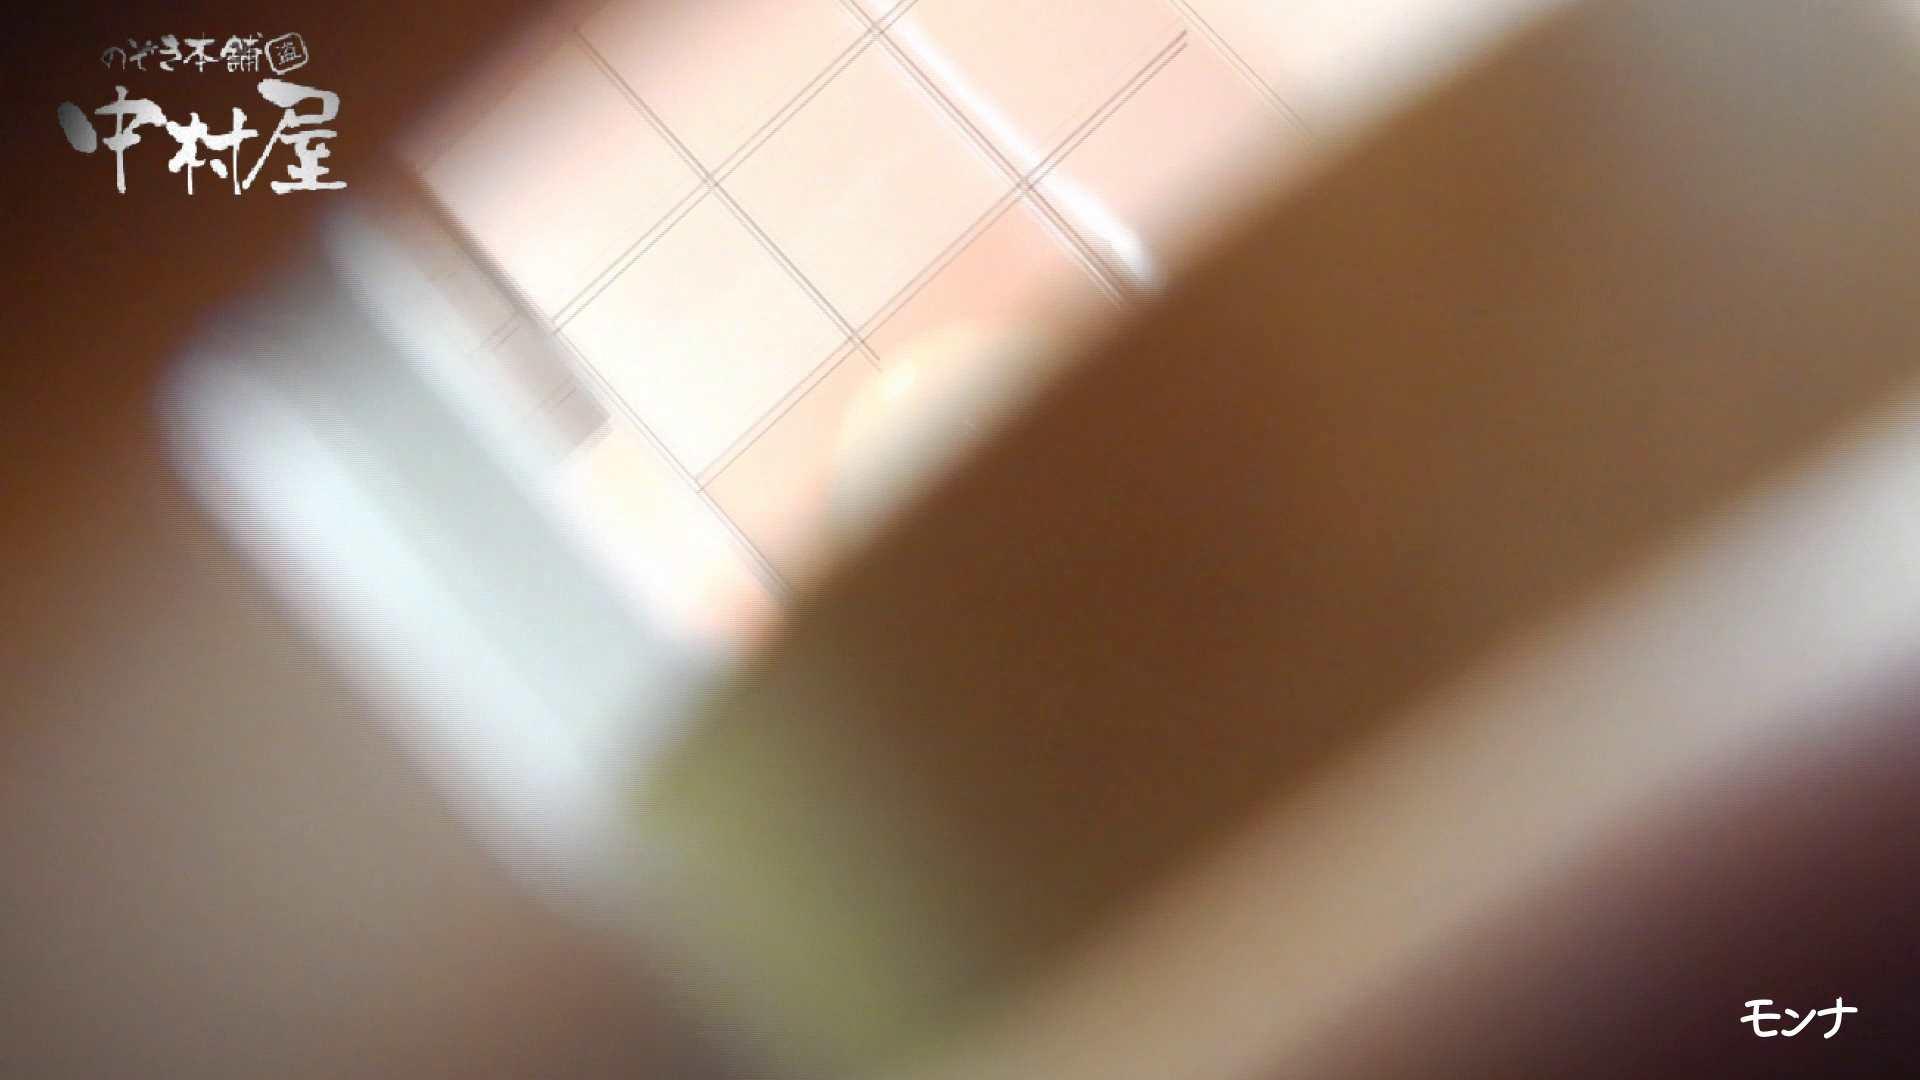 【美しい日本の未来】美しい日本の未来 No.38 久しぶり、復活しようかなあ?^^ by モンナ 盗撮 おめこ無修正画像 83枚 12